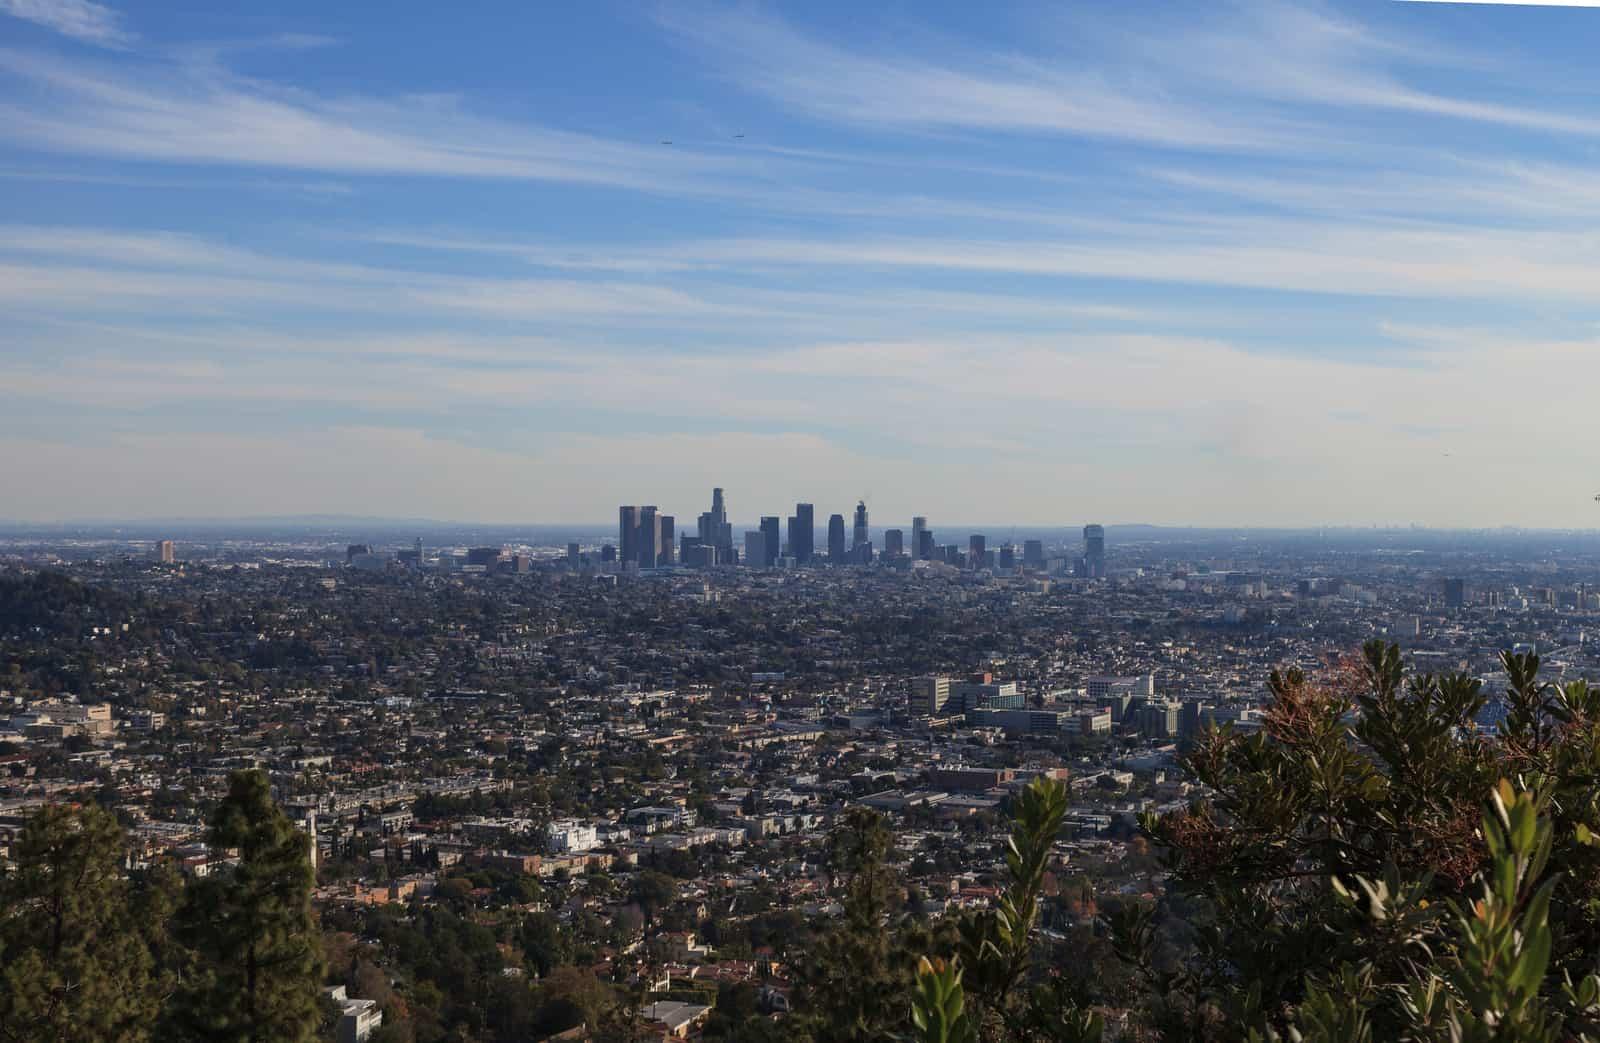 14 Sevaerdigheder I Los Angeles Hvad Skal Man Se I La